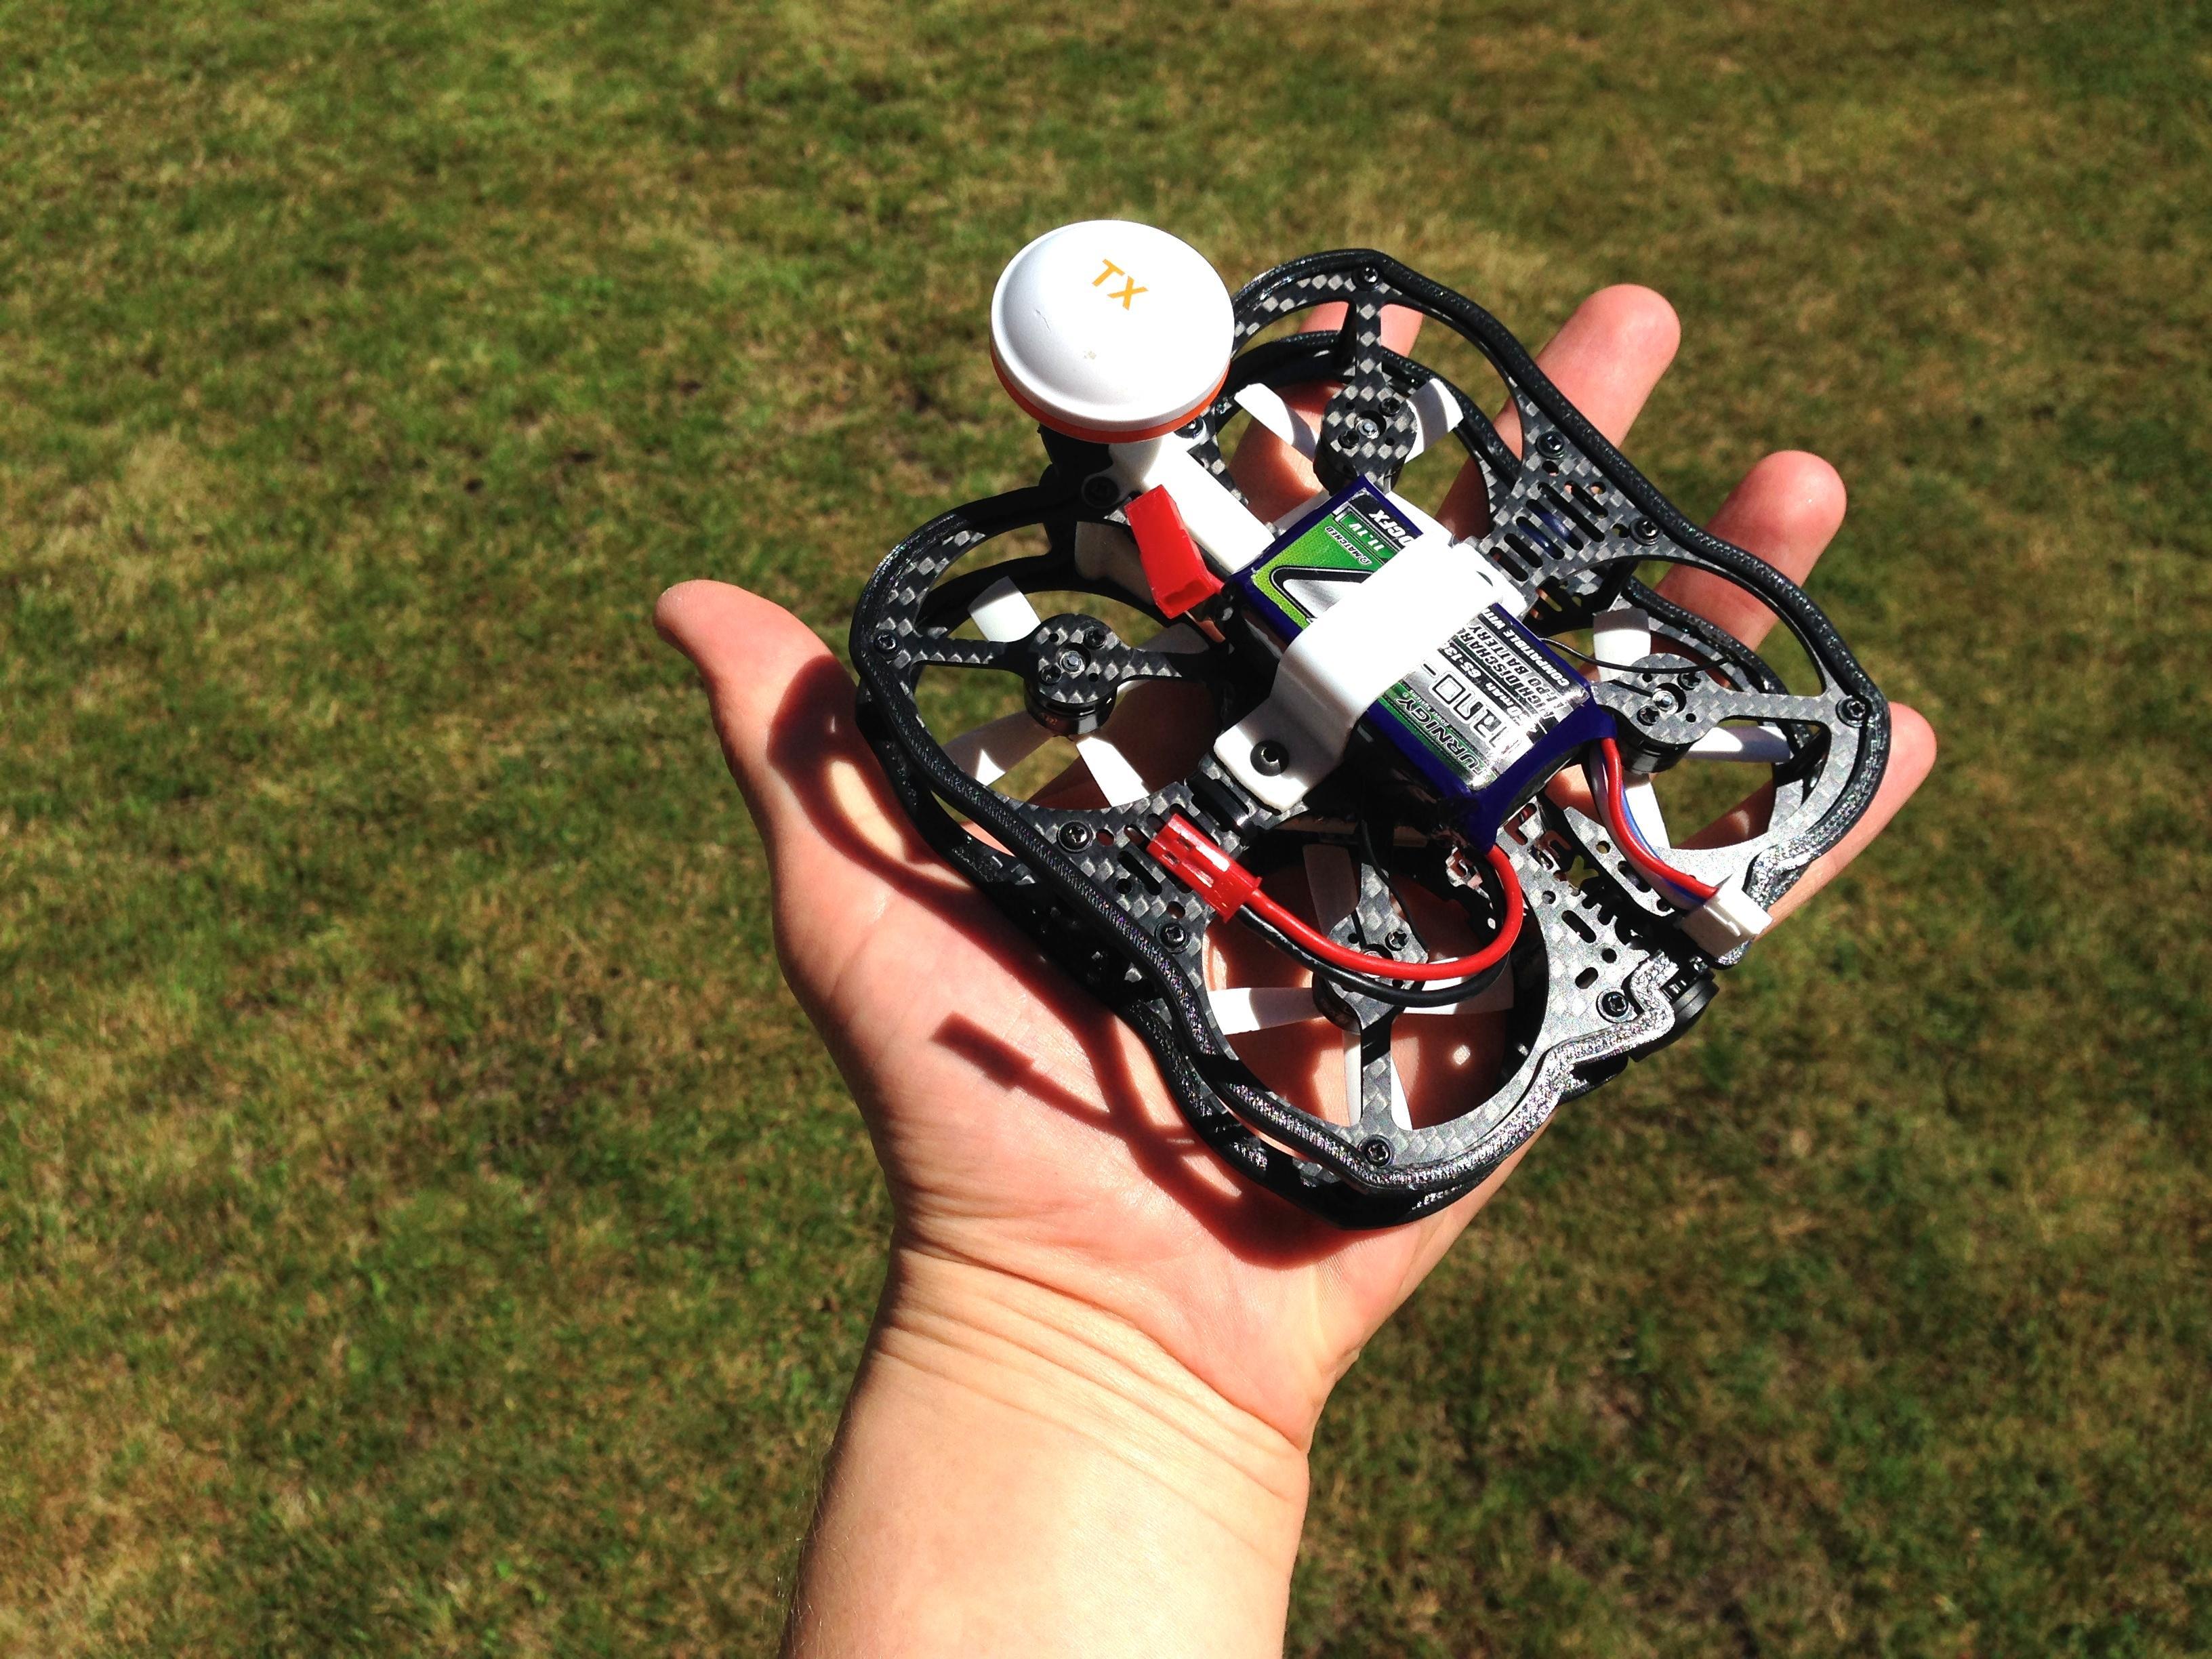 FlexRC Mini Owl with RunCam Owl camera : Multicopter